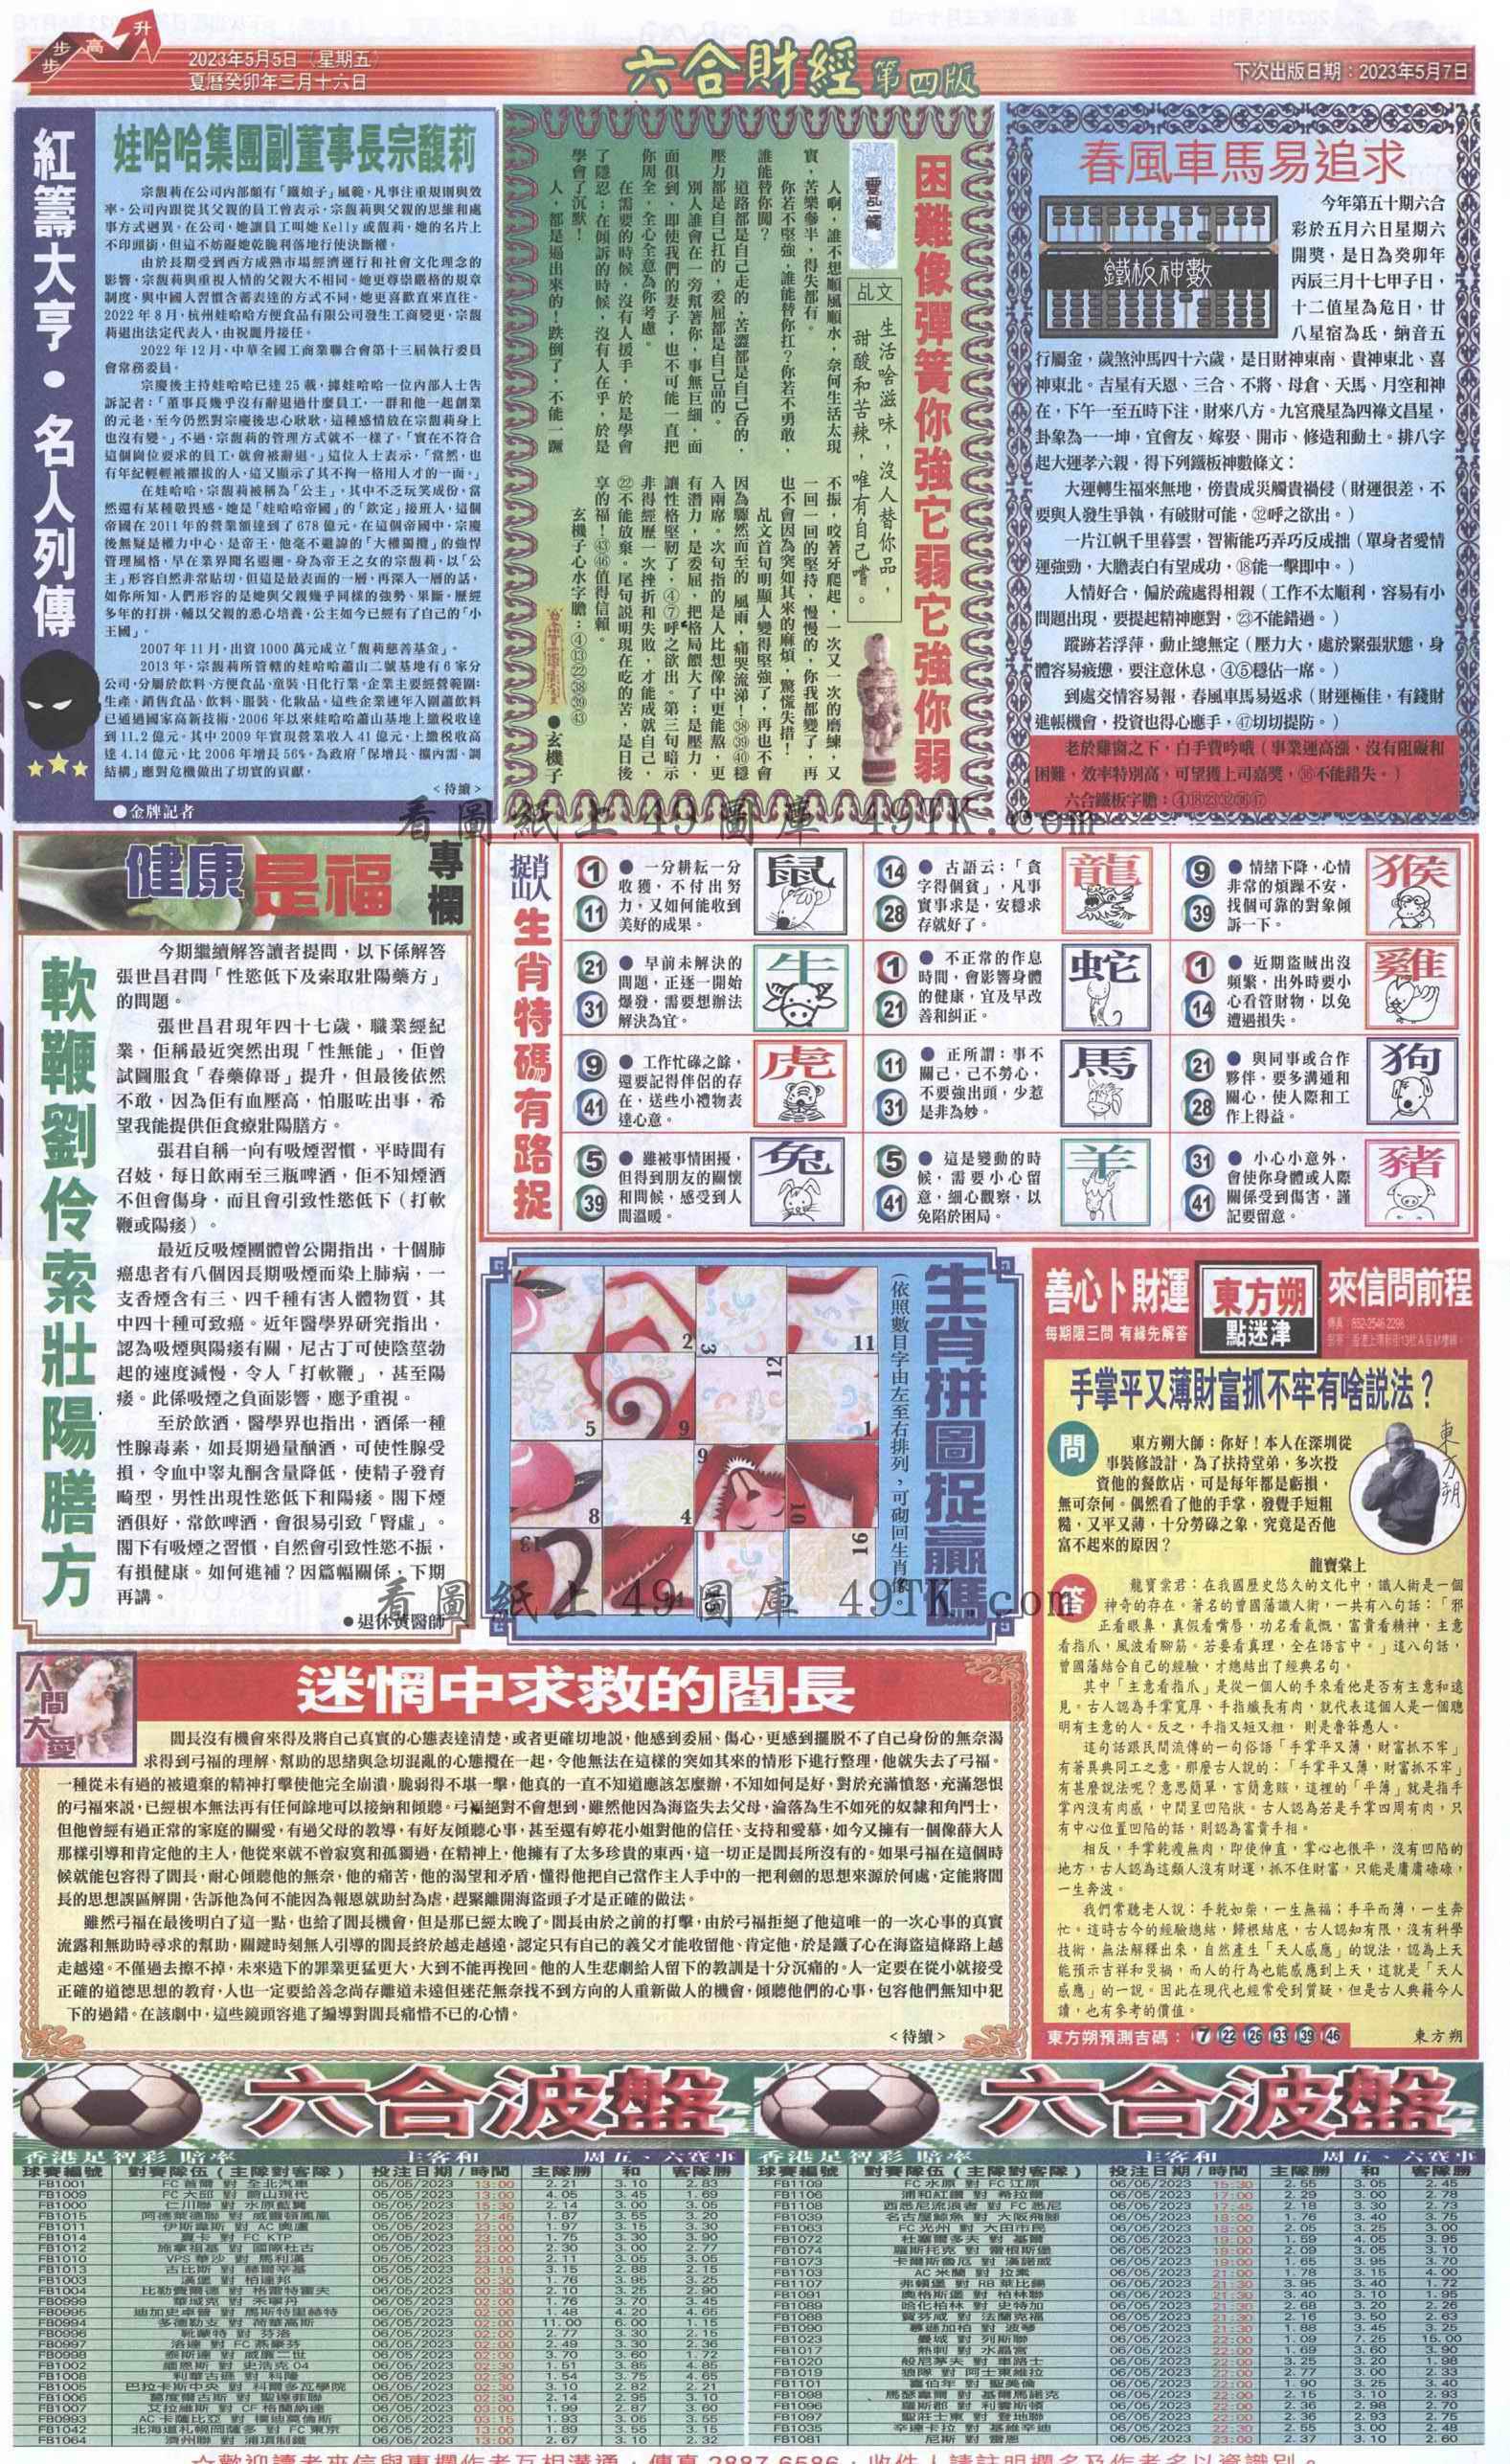 050期六合财经B加大版